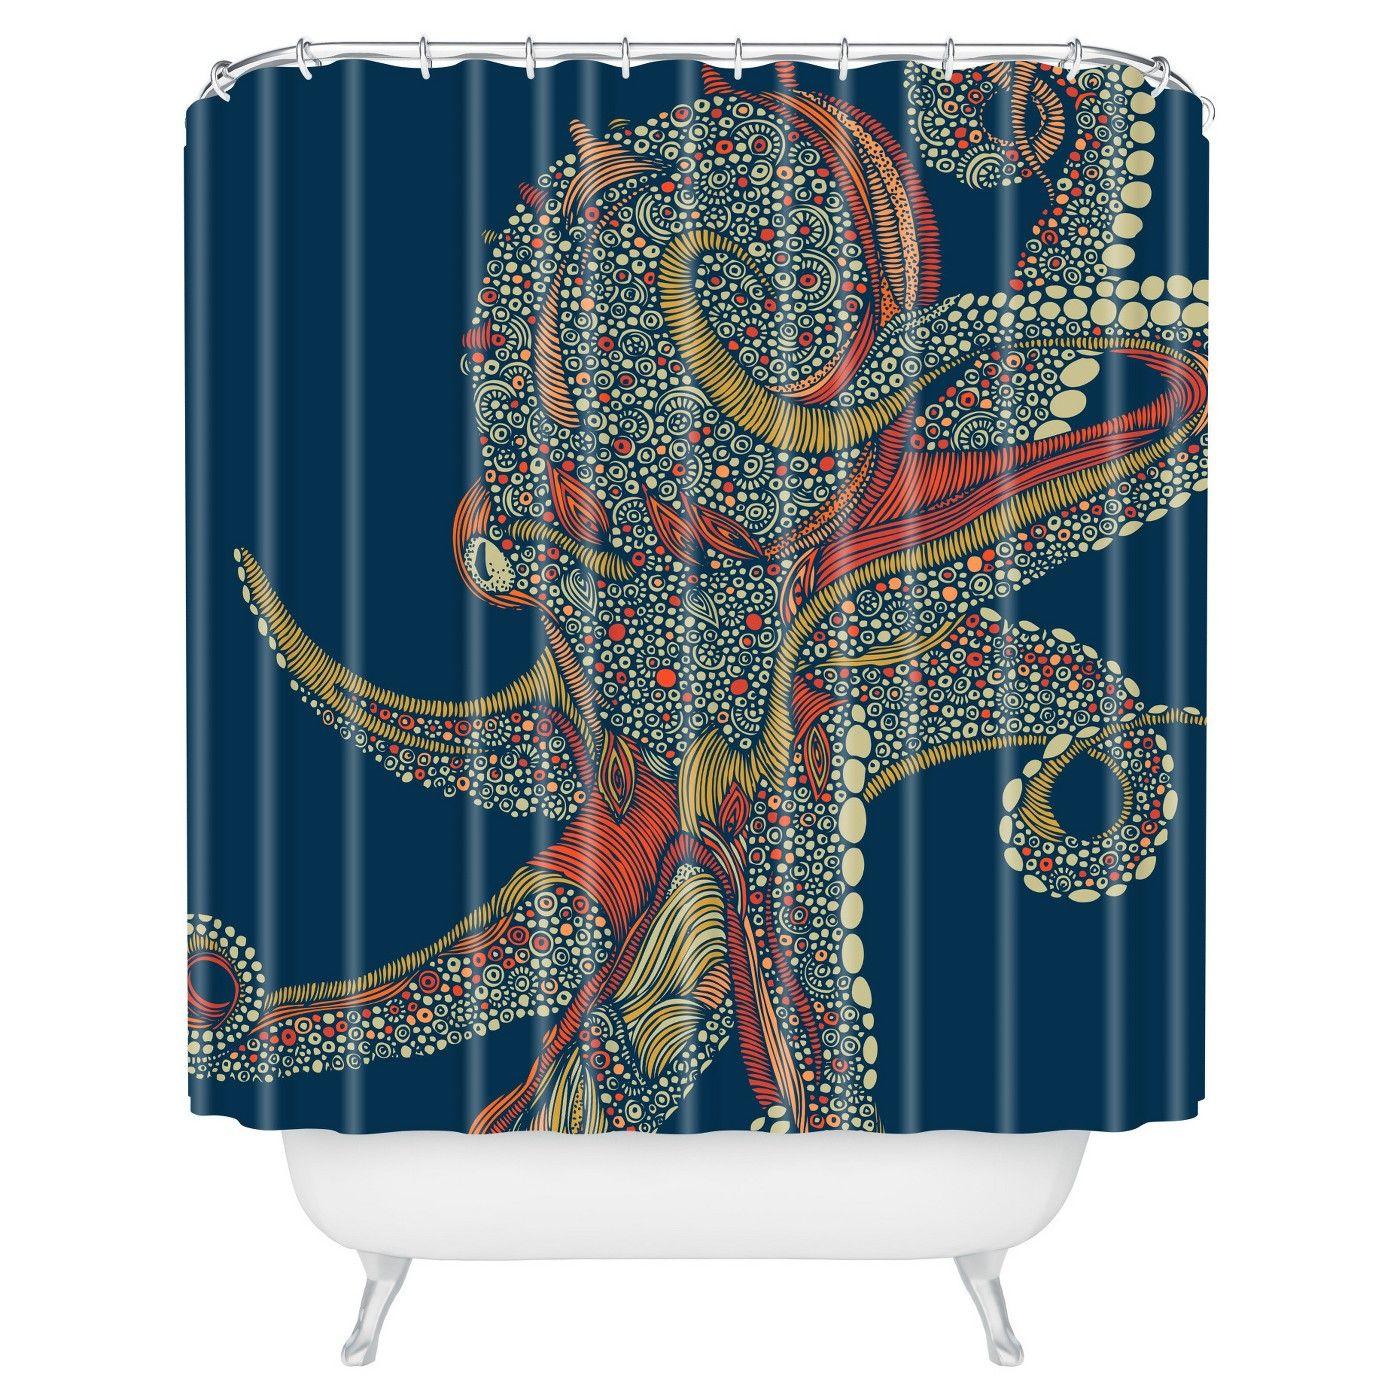 Valentina Ramos Azzuli Shower Curtain Navy Deny Designs